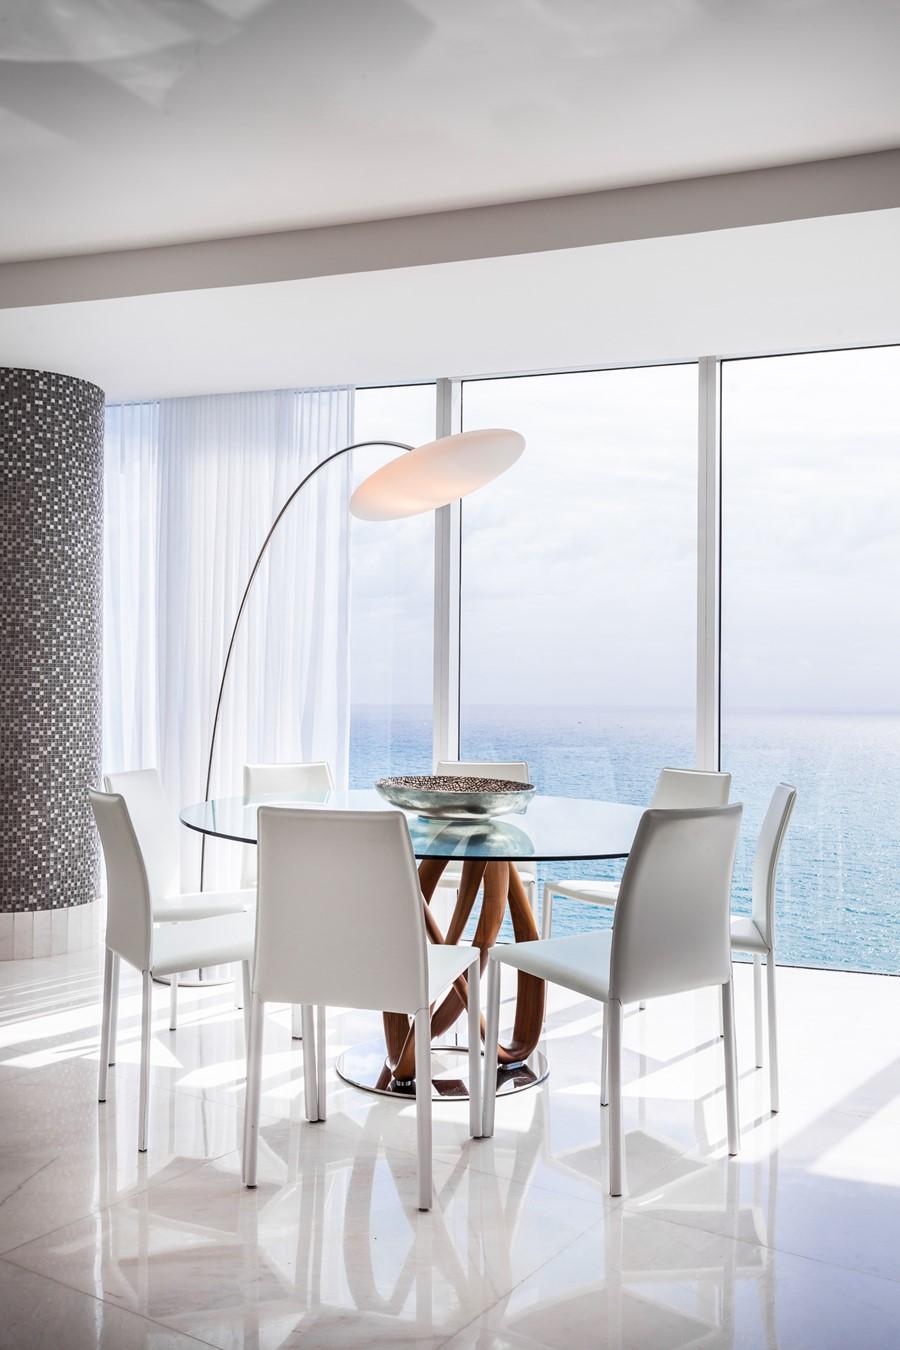 apartment-in-miami-by-regina-claudia-03